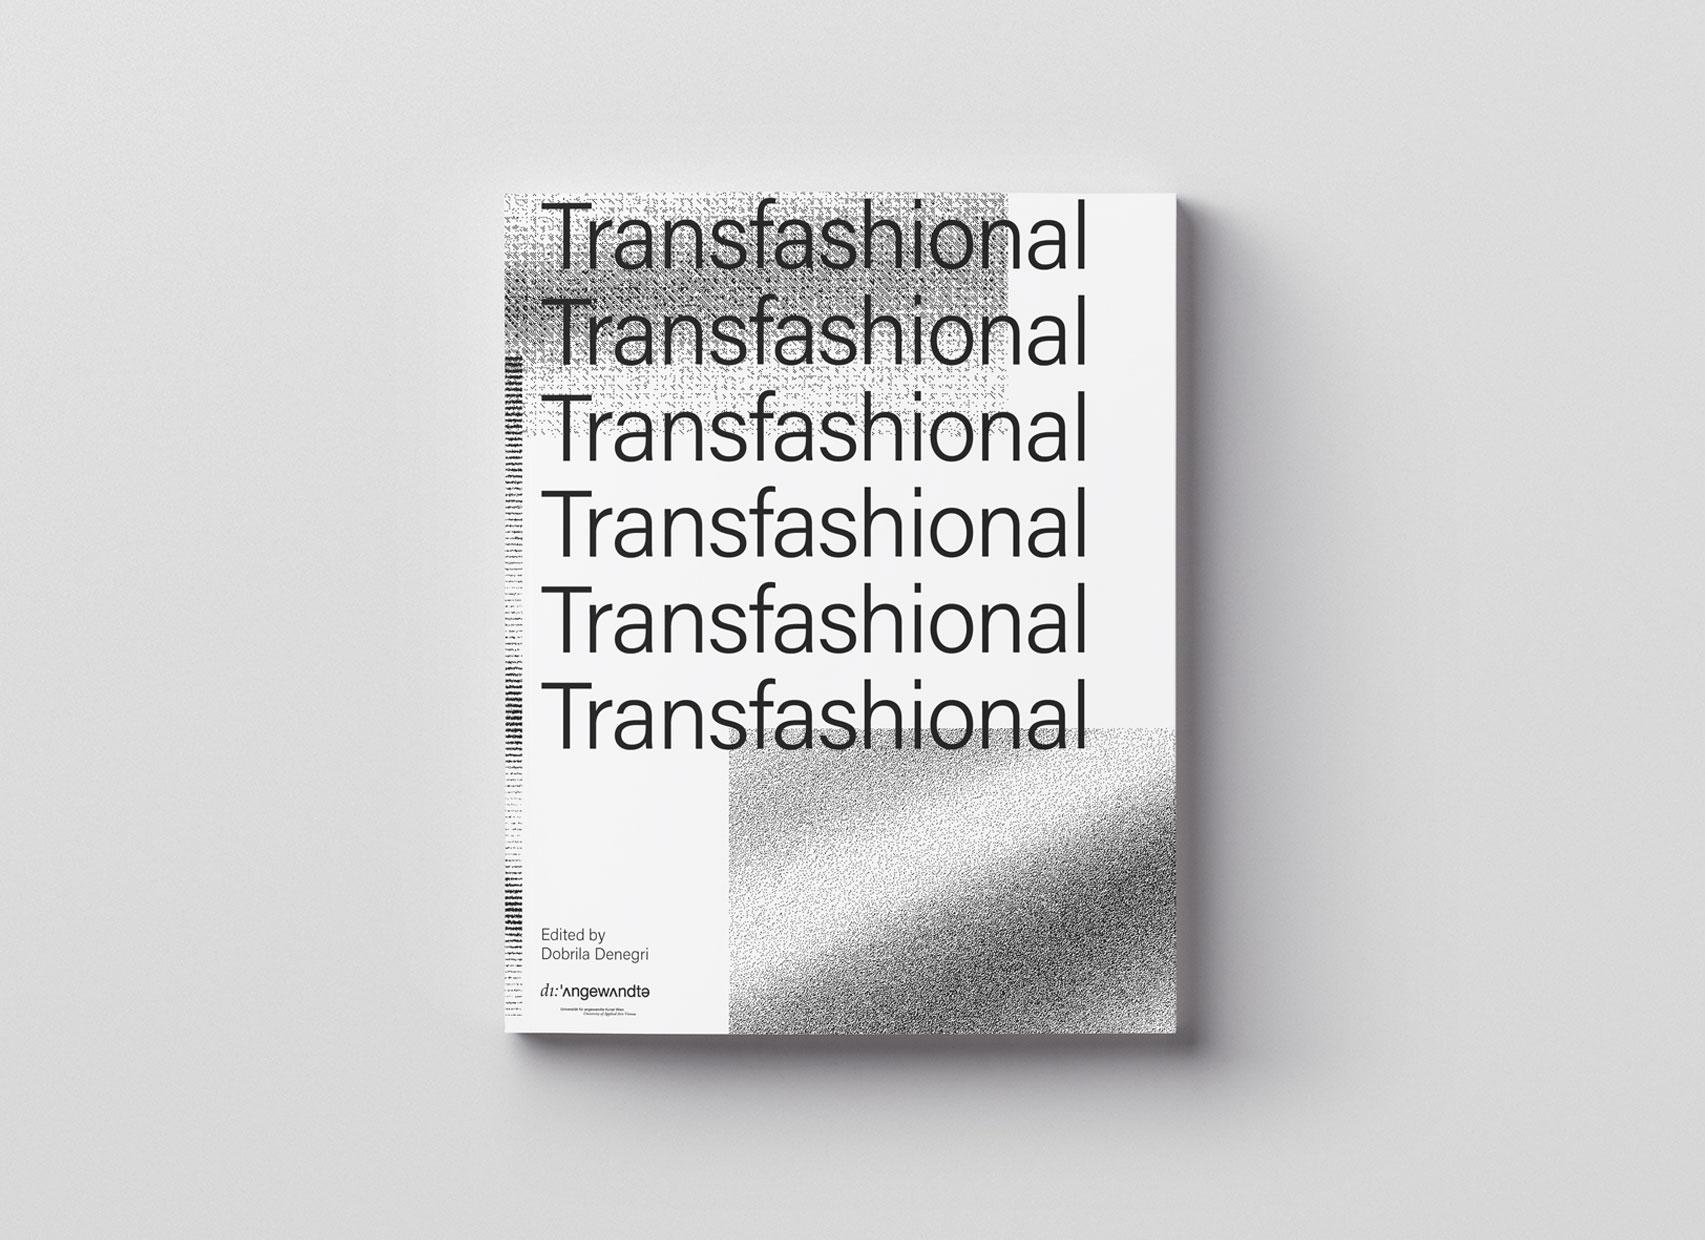 nicoletta-dalfino-transfashional-cover